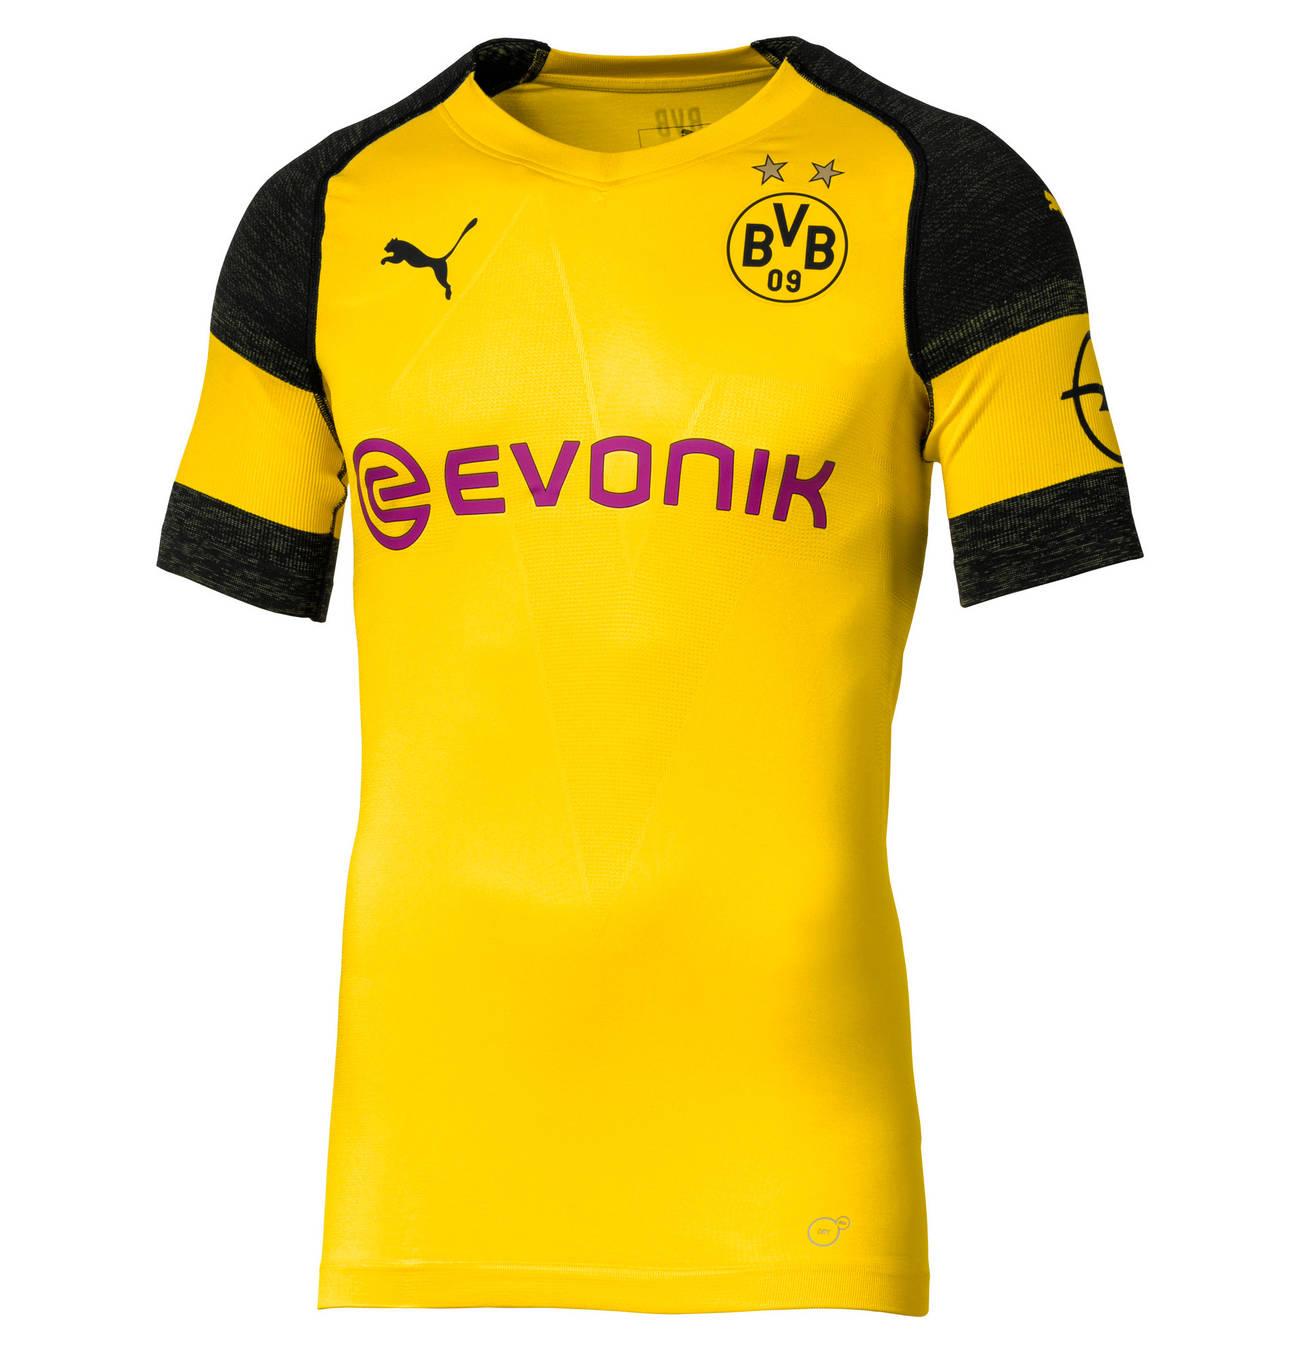 BVB Trikot Home Authentic, 2018/19 Borussia dortmund